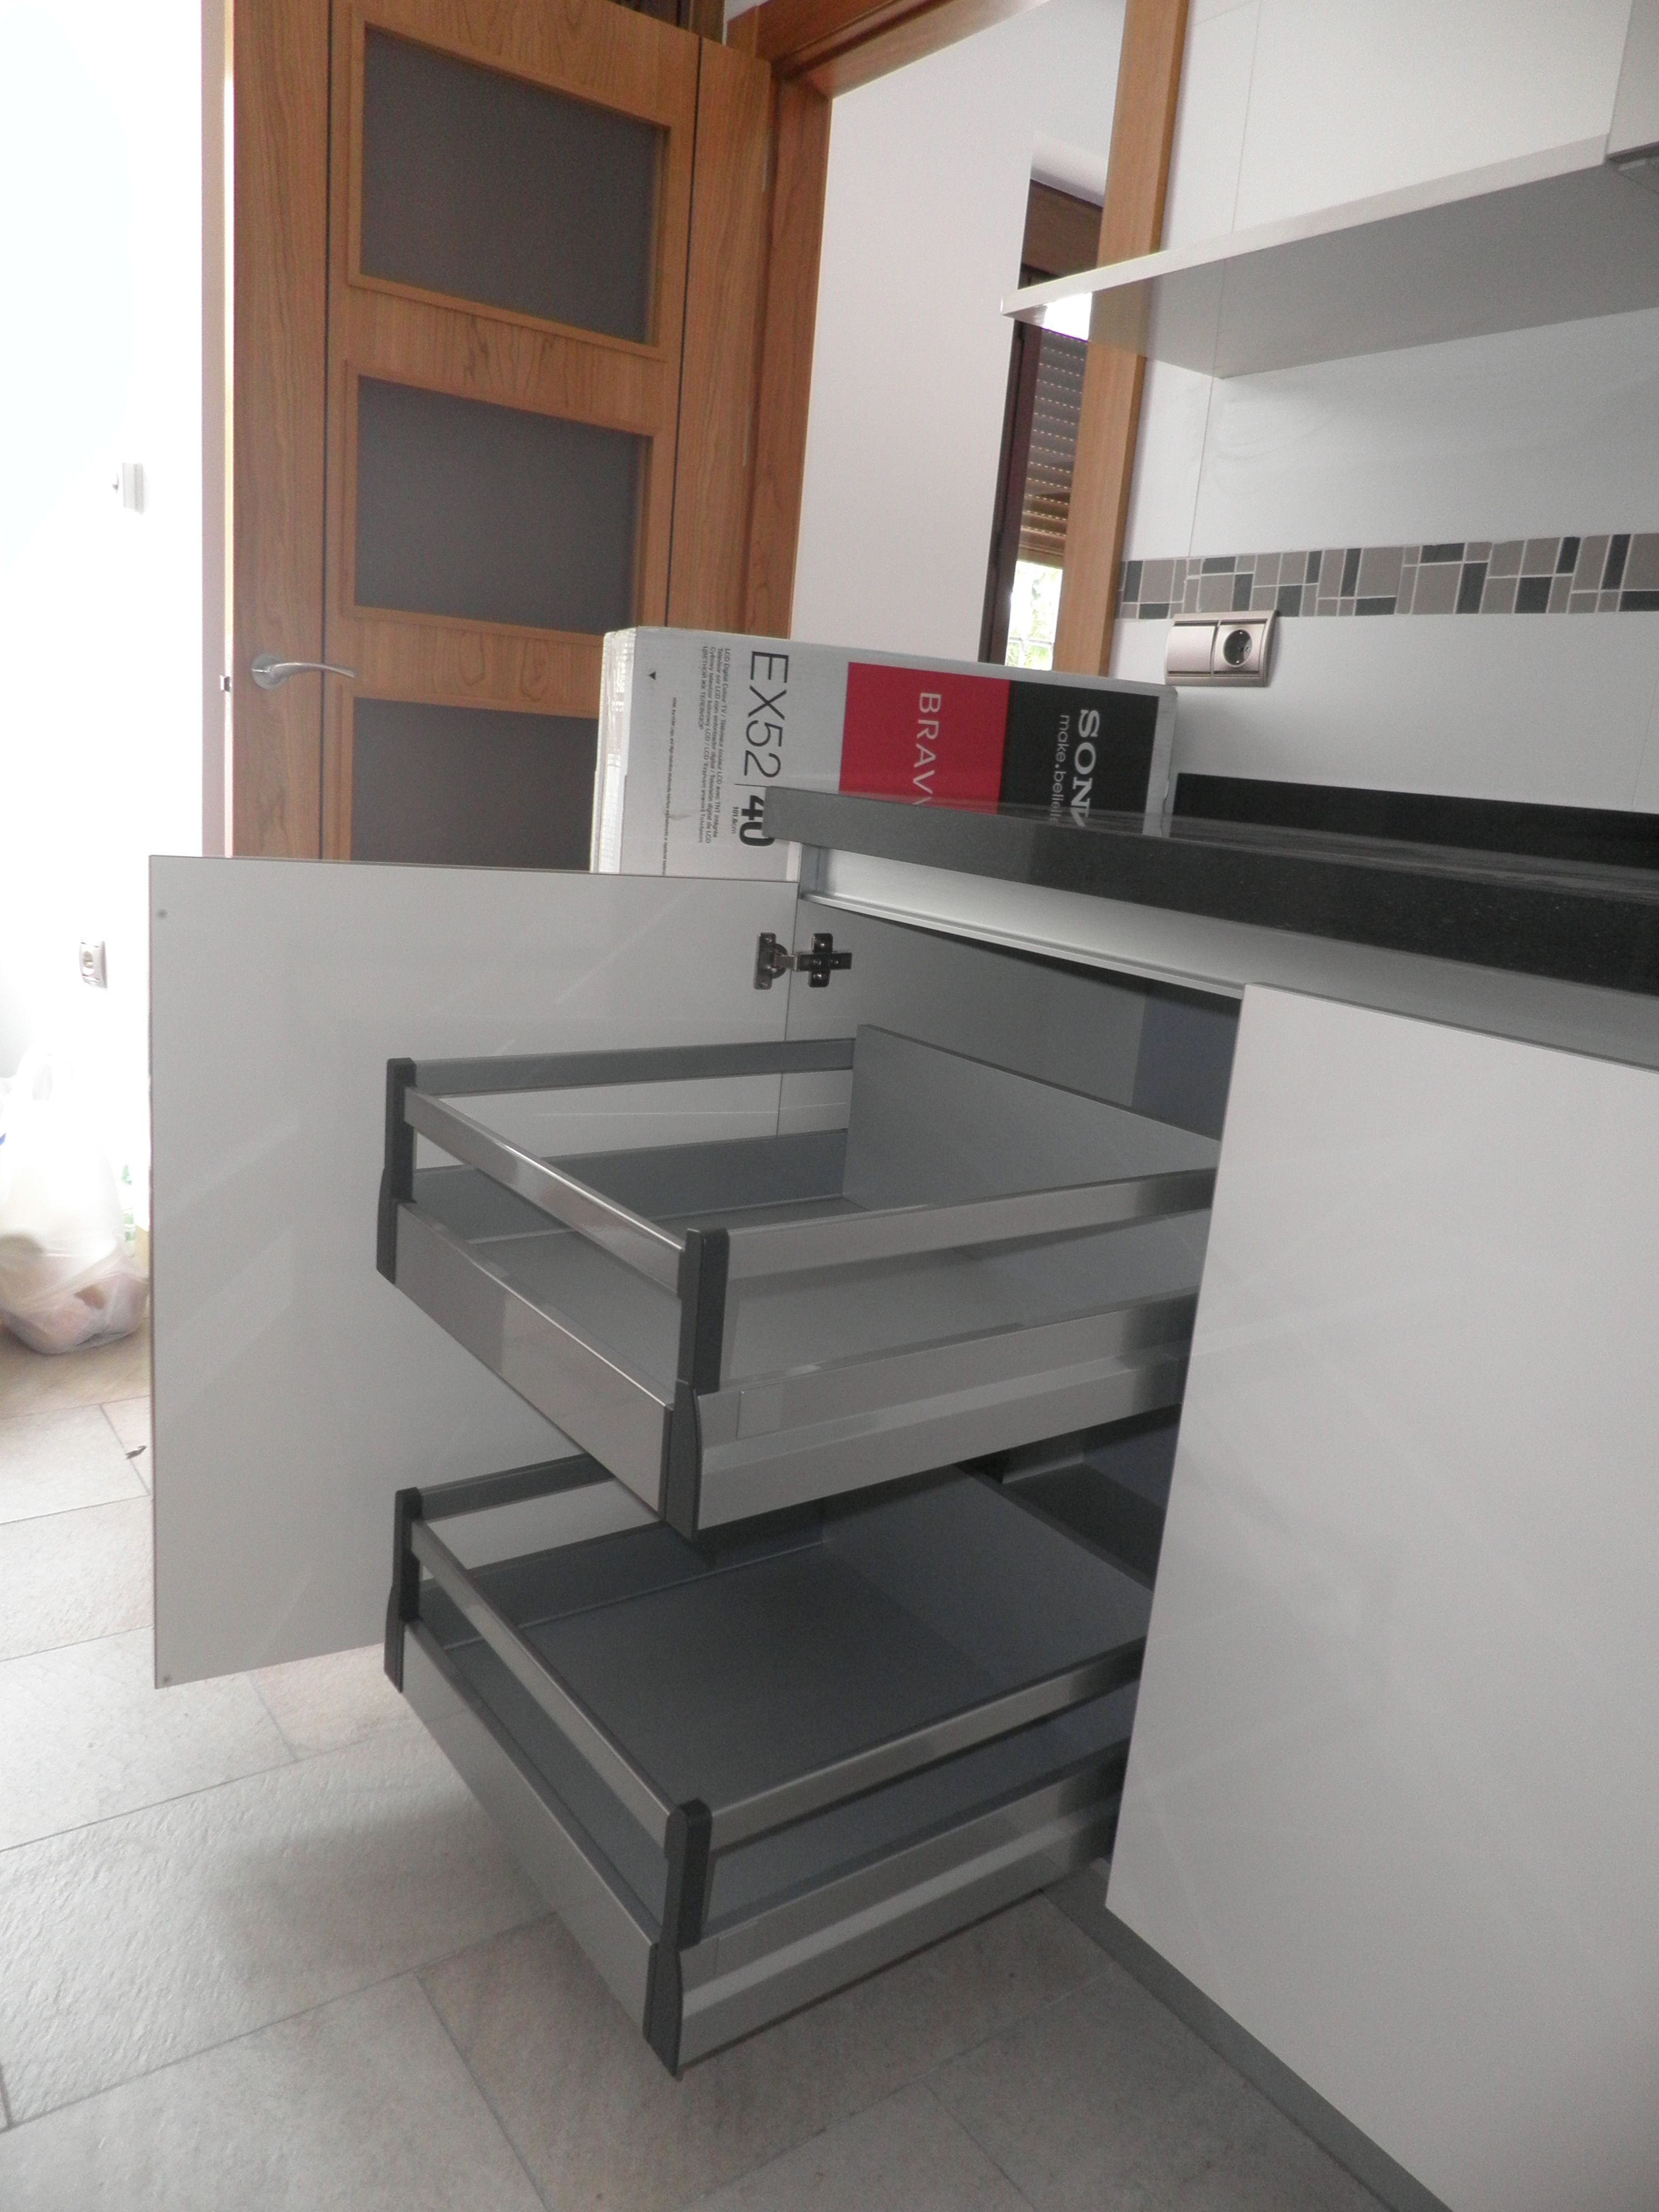 Dise O De Cocina Con Muebles Sin Tirador Encimera Silestone Negro  # Muebles Lado Cee